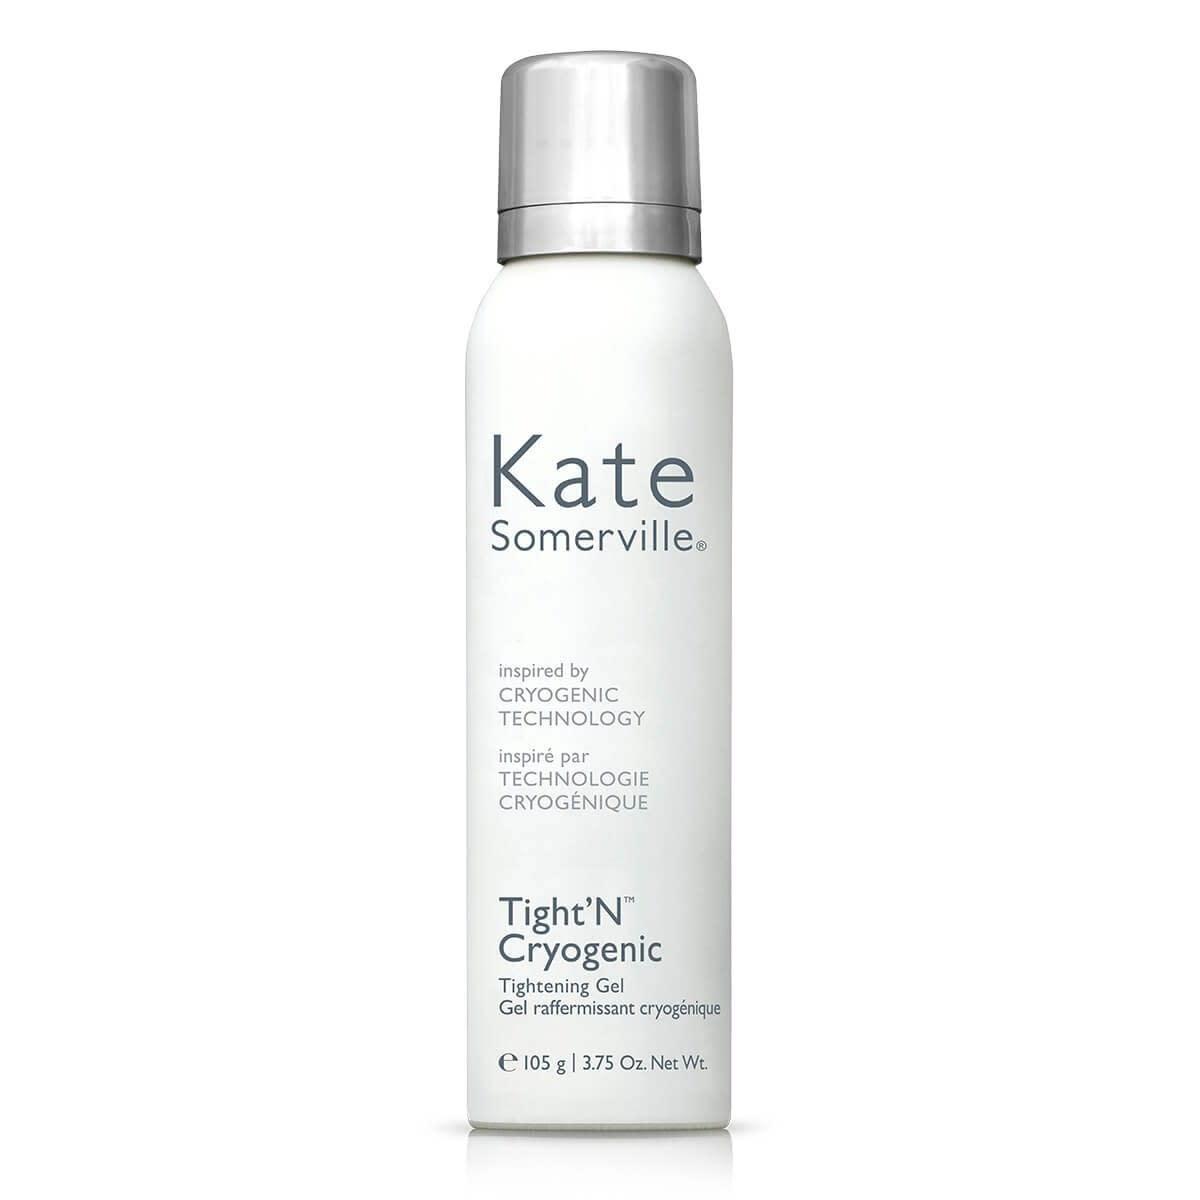 Kate Somerville Tight'N™ Cryogenic Skin Tightening Gel